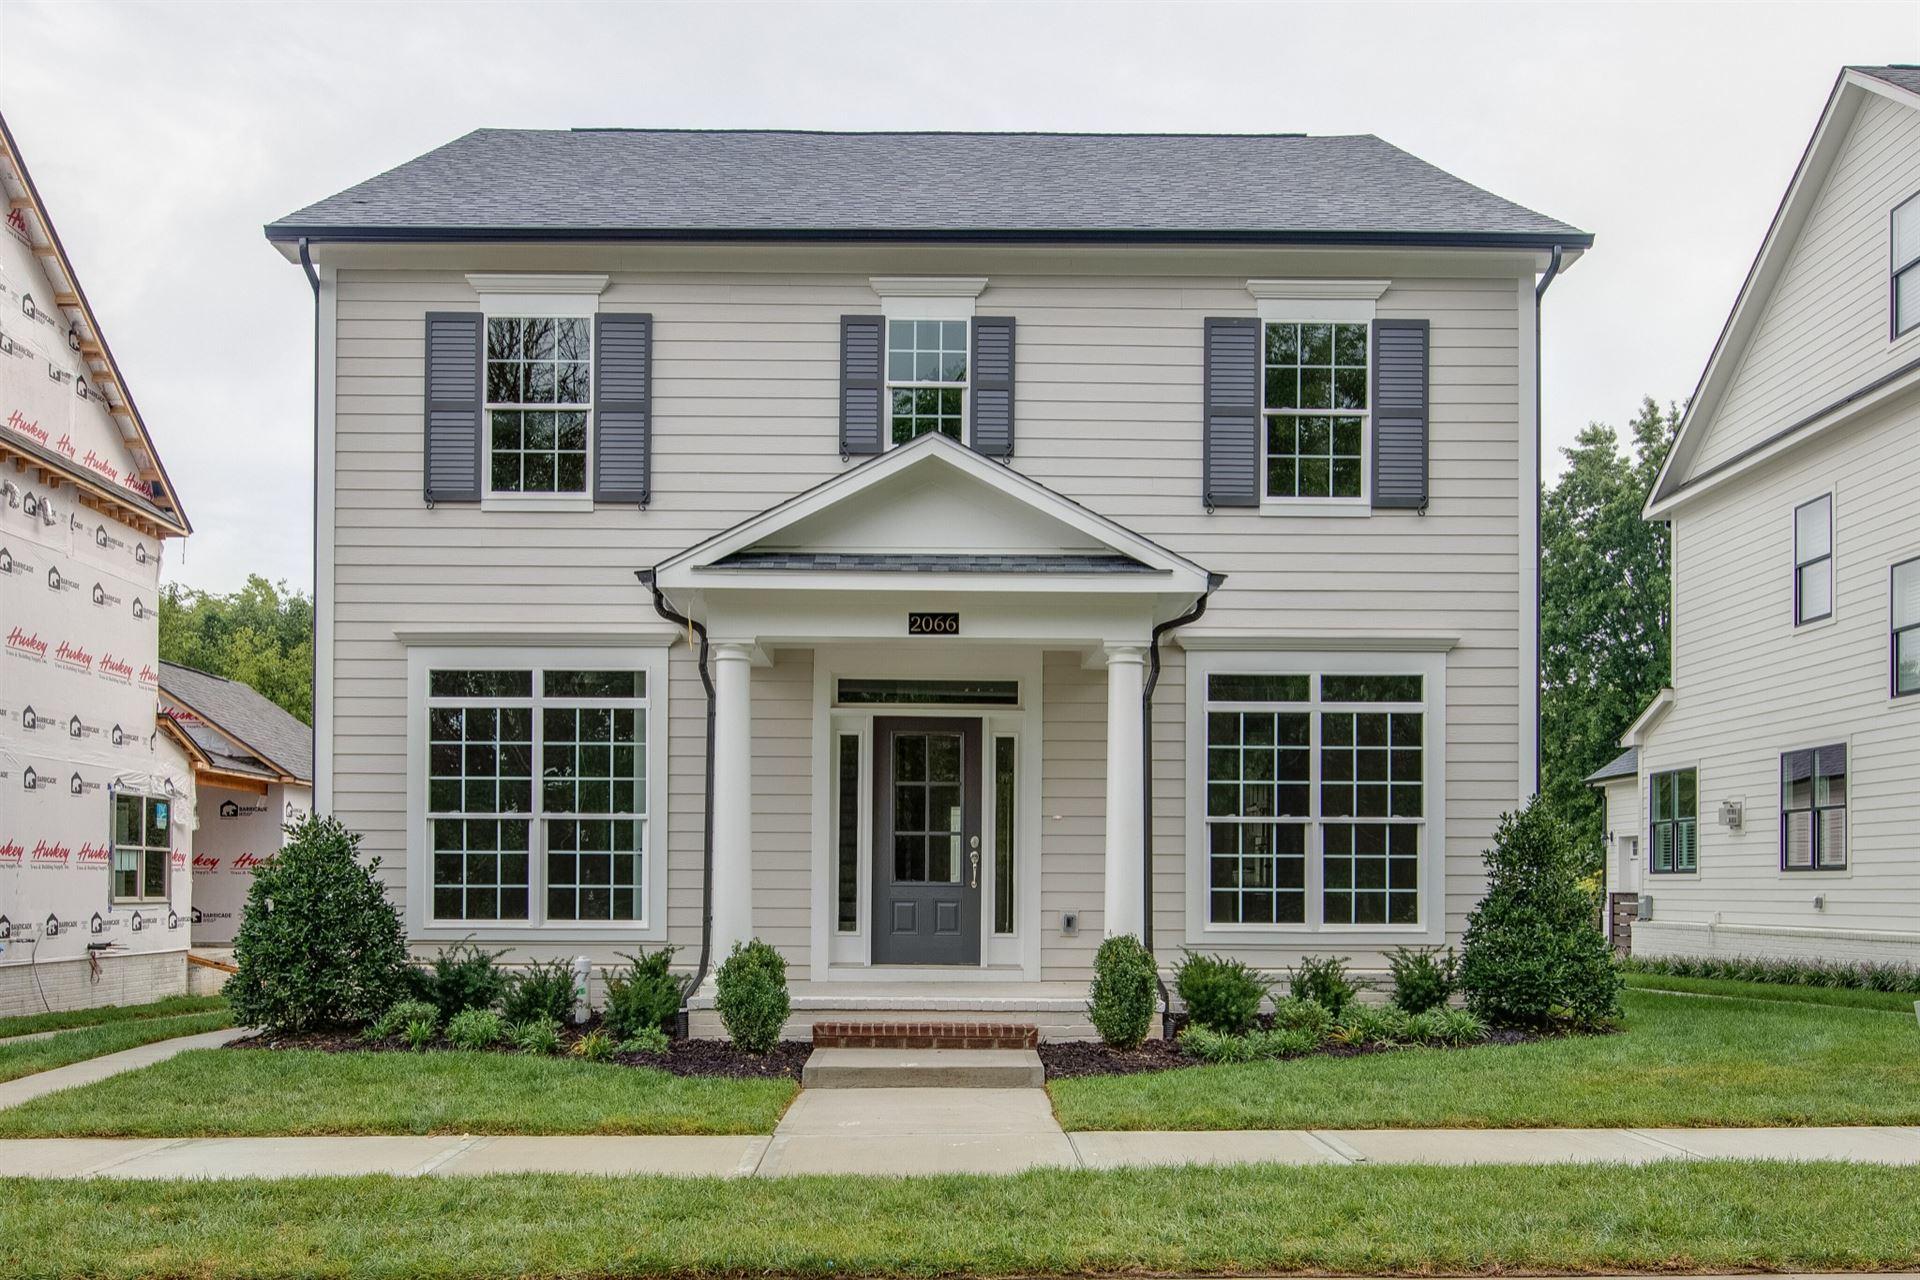 Photo of 2066 Bushnell Farm Drive- Lot 8, Franklin, TN 37064 (MLS # 2131660)